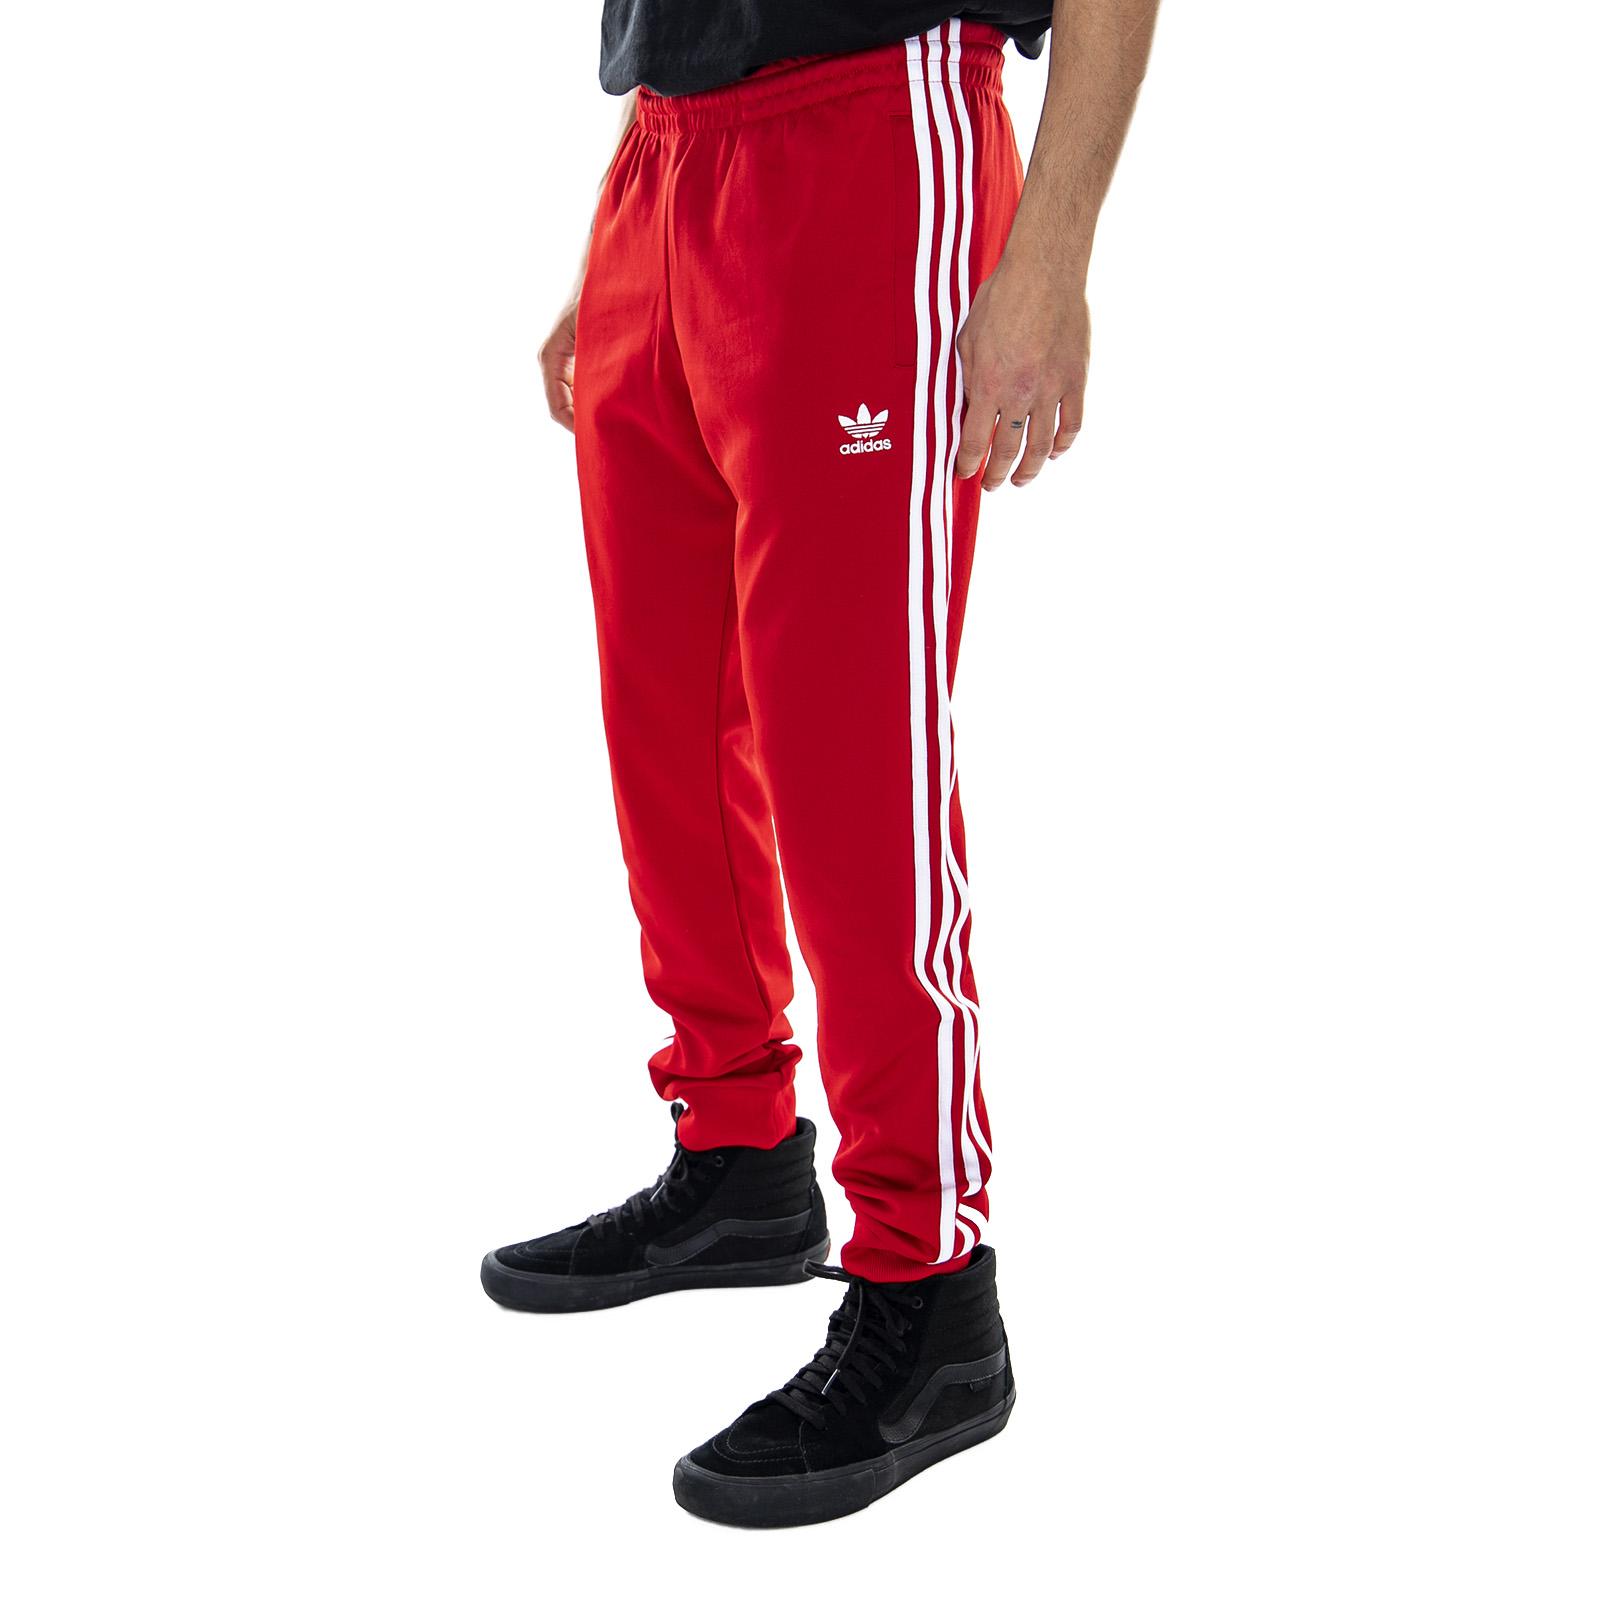 Adidas Pantalones Rojas Hombre Mujer Ninos Envio Gratis Y Entrega Rapida Ahorros Garantizados Y Stock Permanente